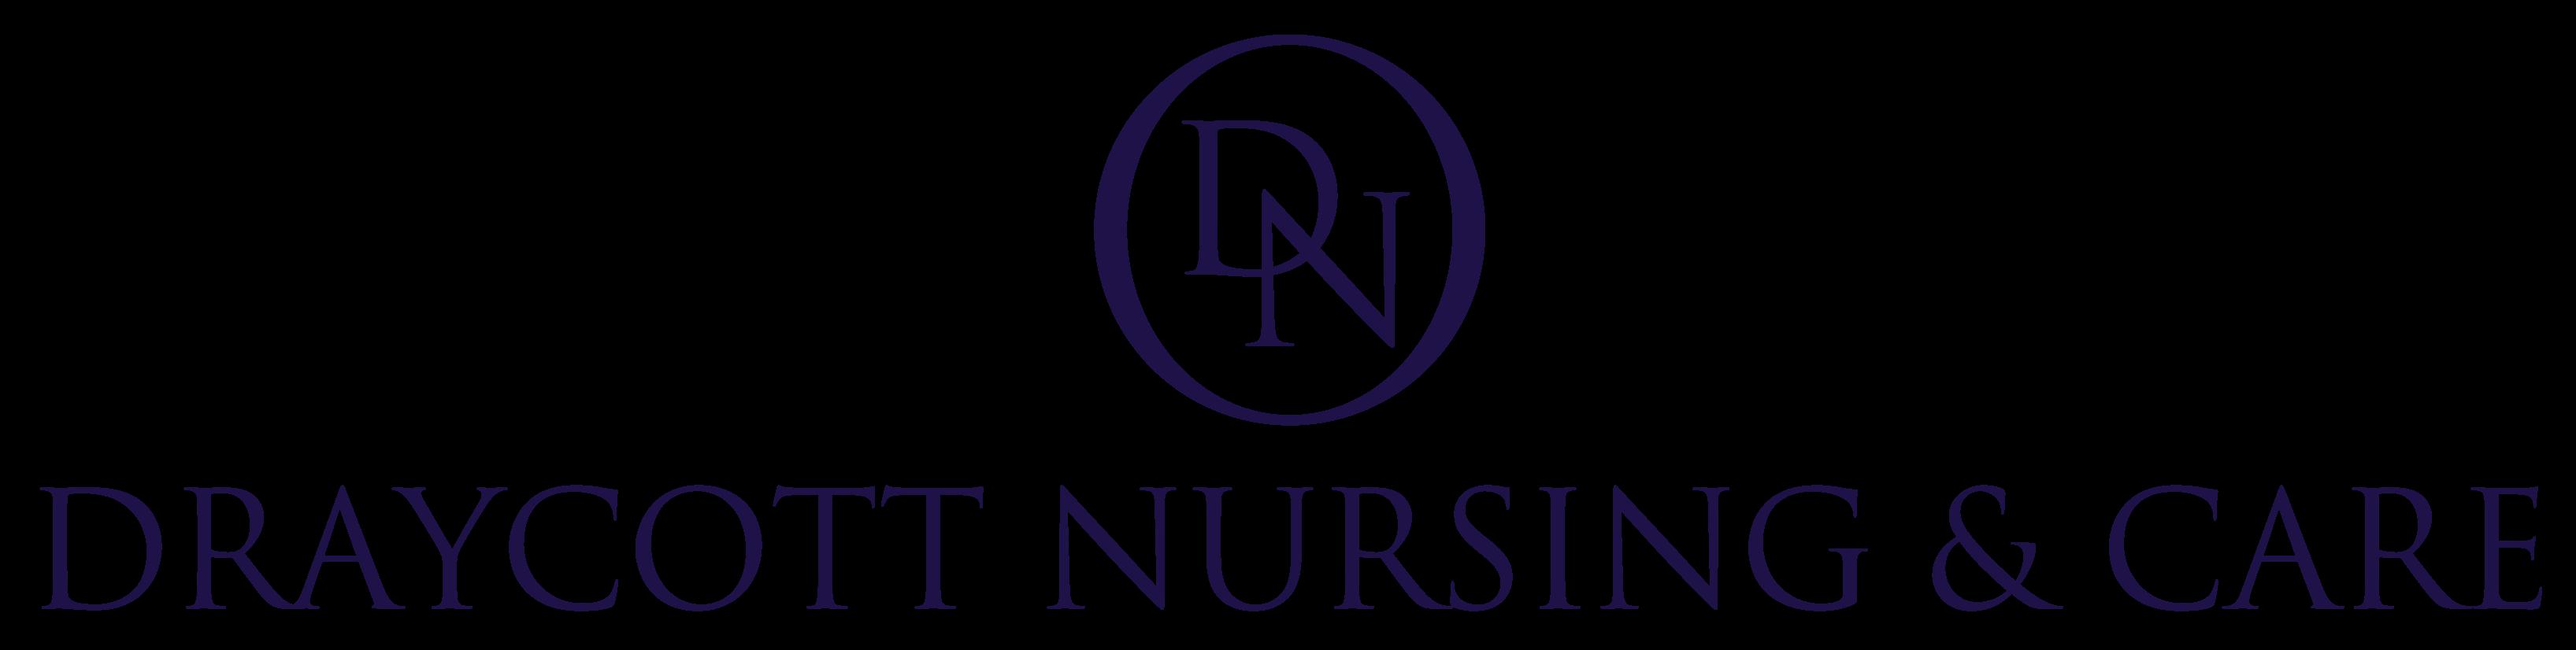 draycott nursing